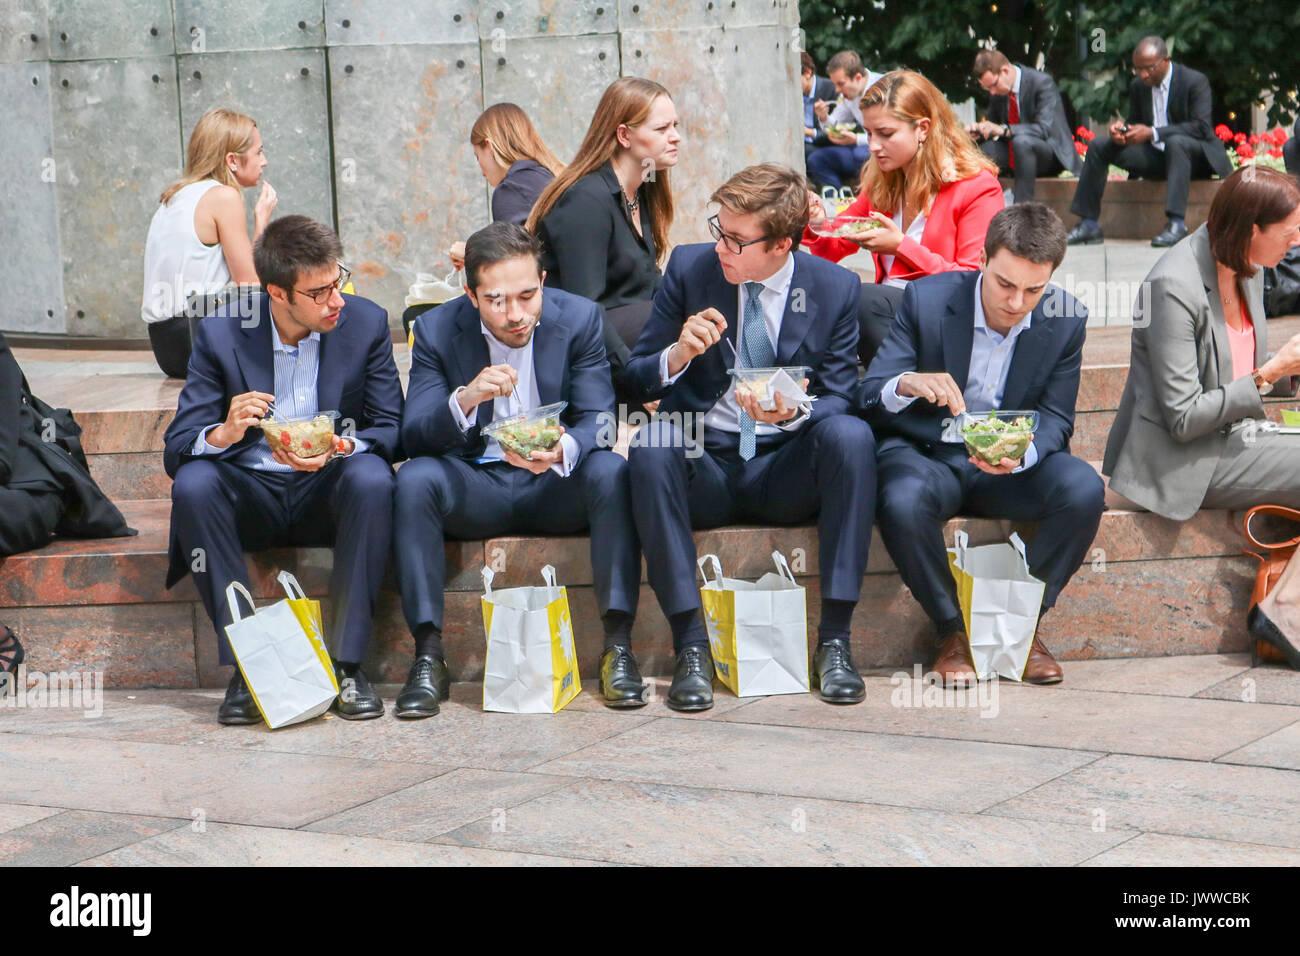 Londres, Reino Unido. El 14 de agosto de 2017. Los trabajadores de la ciudad, disfrutar de su almuerzo en el sol, en el distrito financiero de Canary Wharf Crédito: amer ghazzal/Alamy Live News Foto de stock